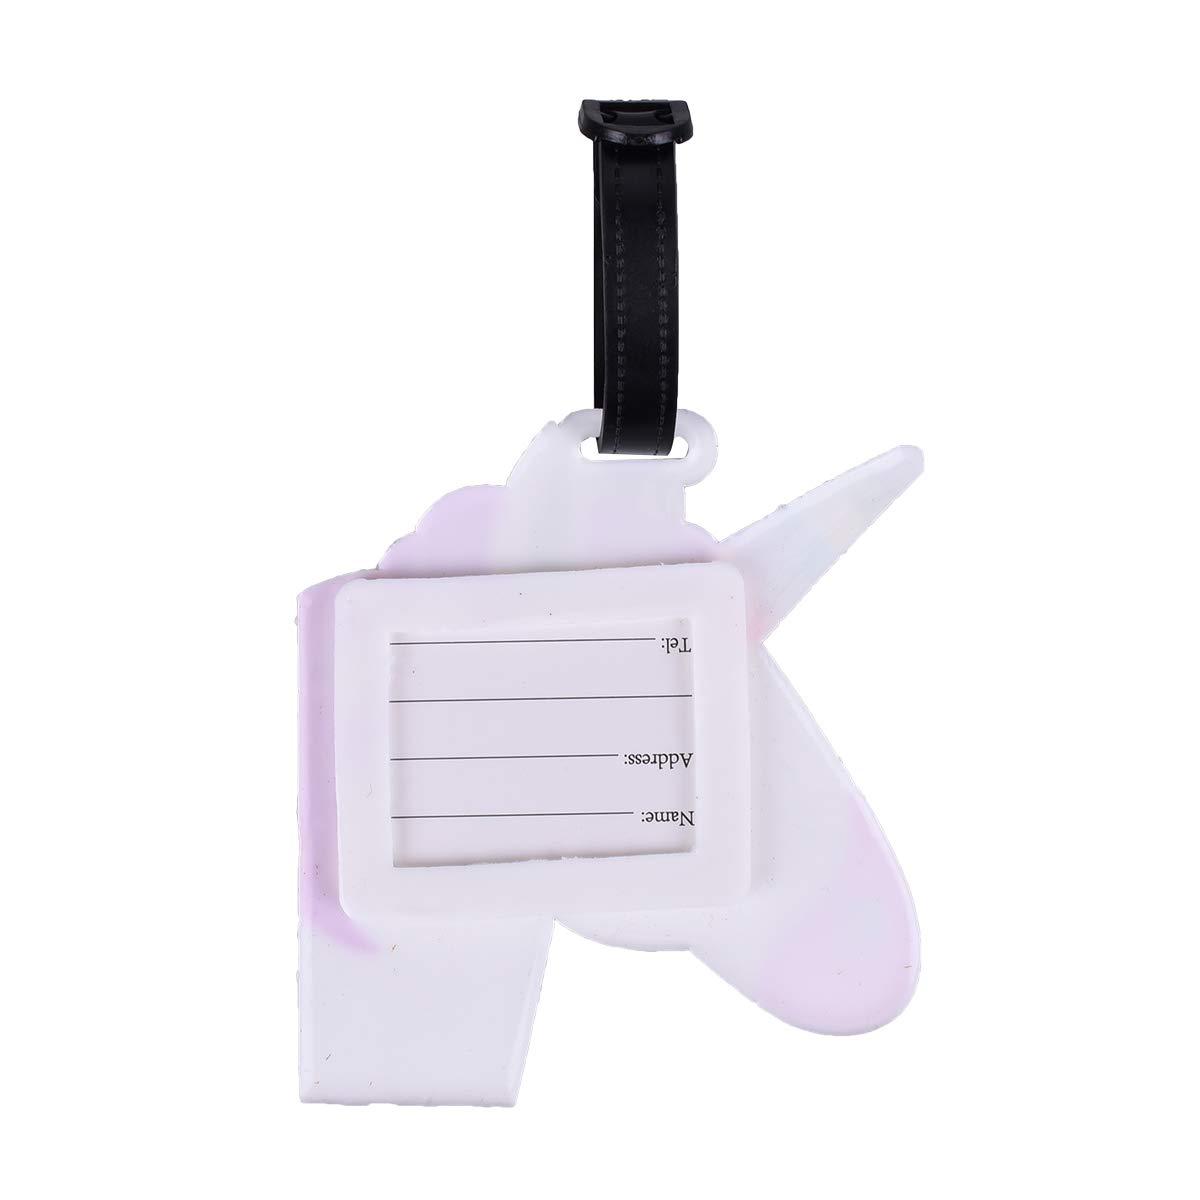 Identificador de Maletas de Etiqueta de PVC Equipaje Bolso ID Tag Portatarjetas con Hebilla Placa de Identificacion de Viaje VerteLife 5 Piezas PVC Etiqueta de Equipaje para Bolsa de Viaje y Maleta